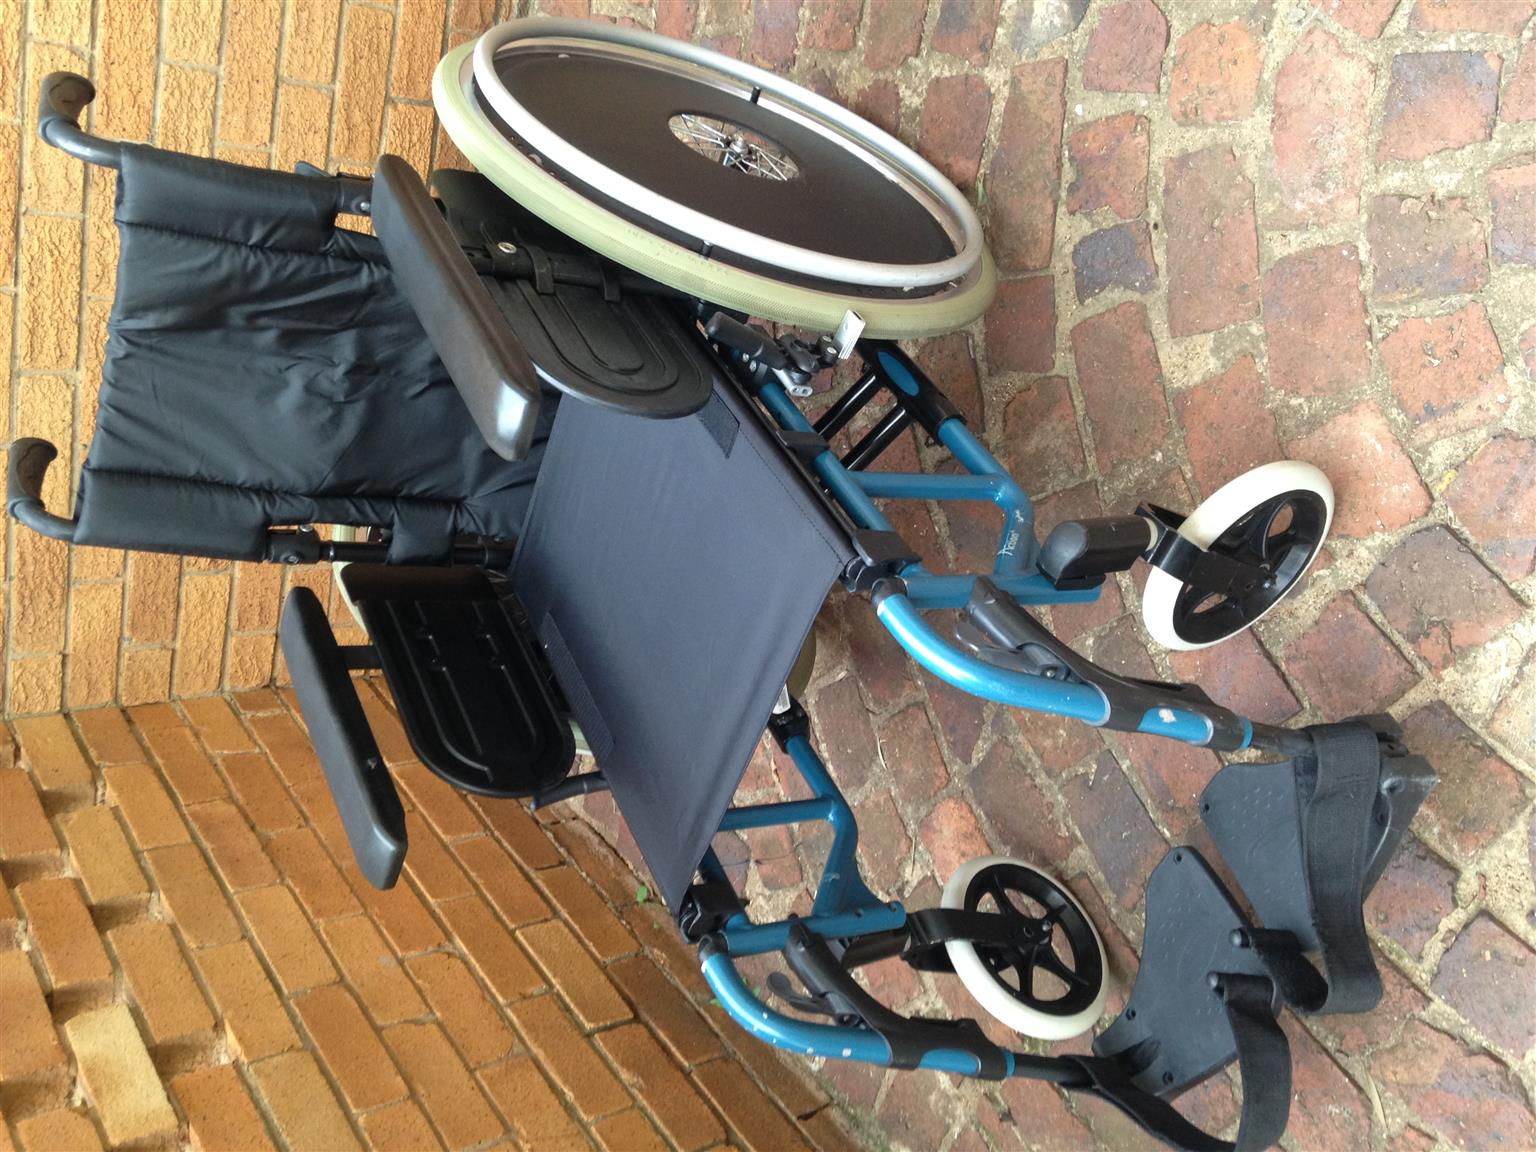 Invacare Action4 aluminium wheelchair